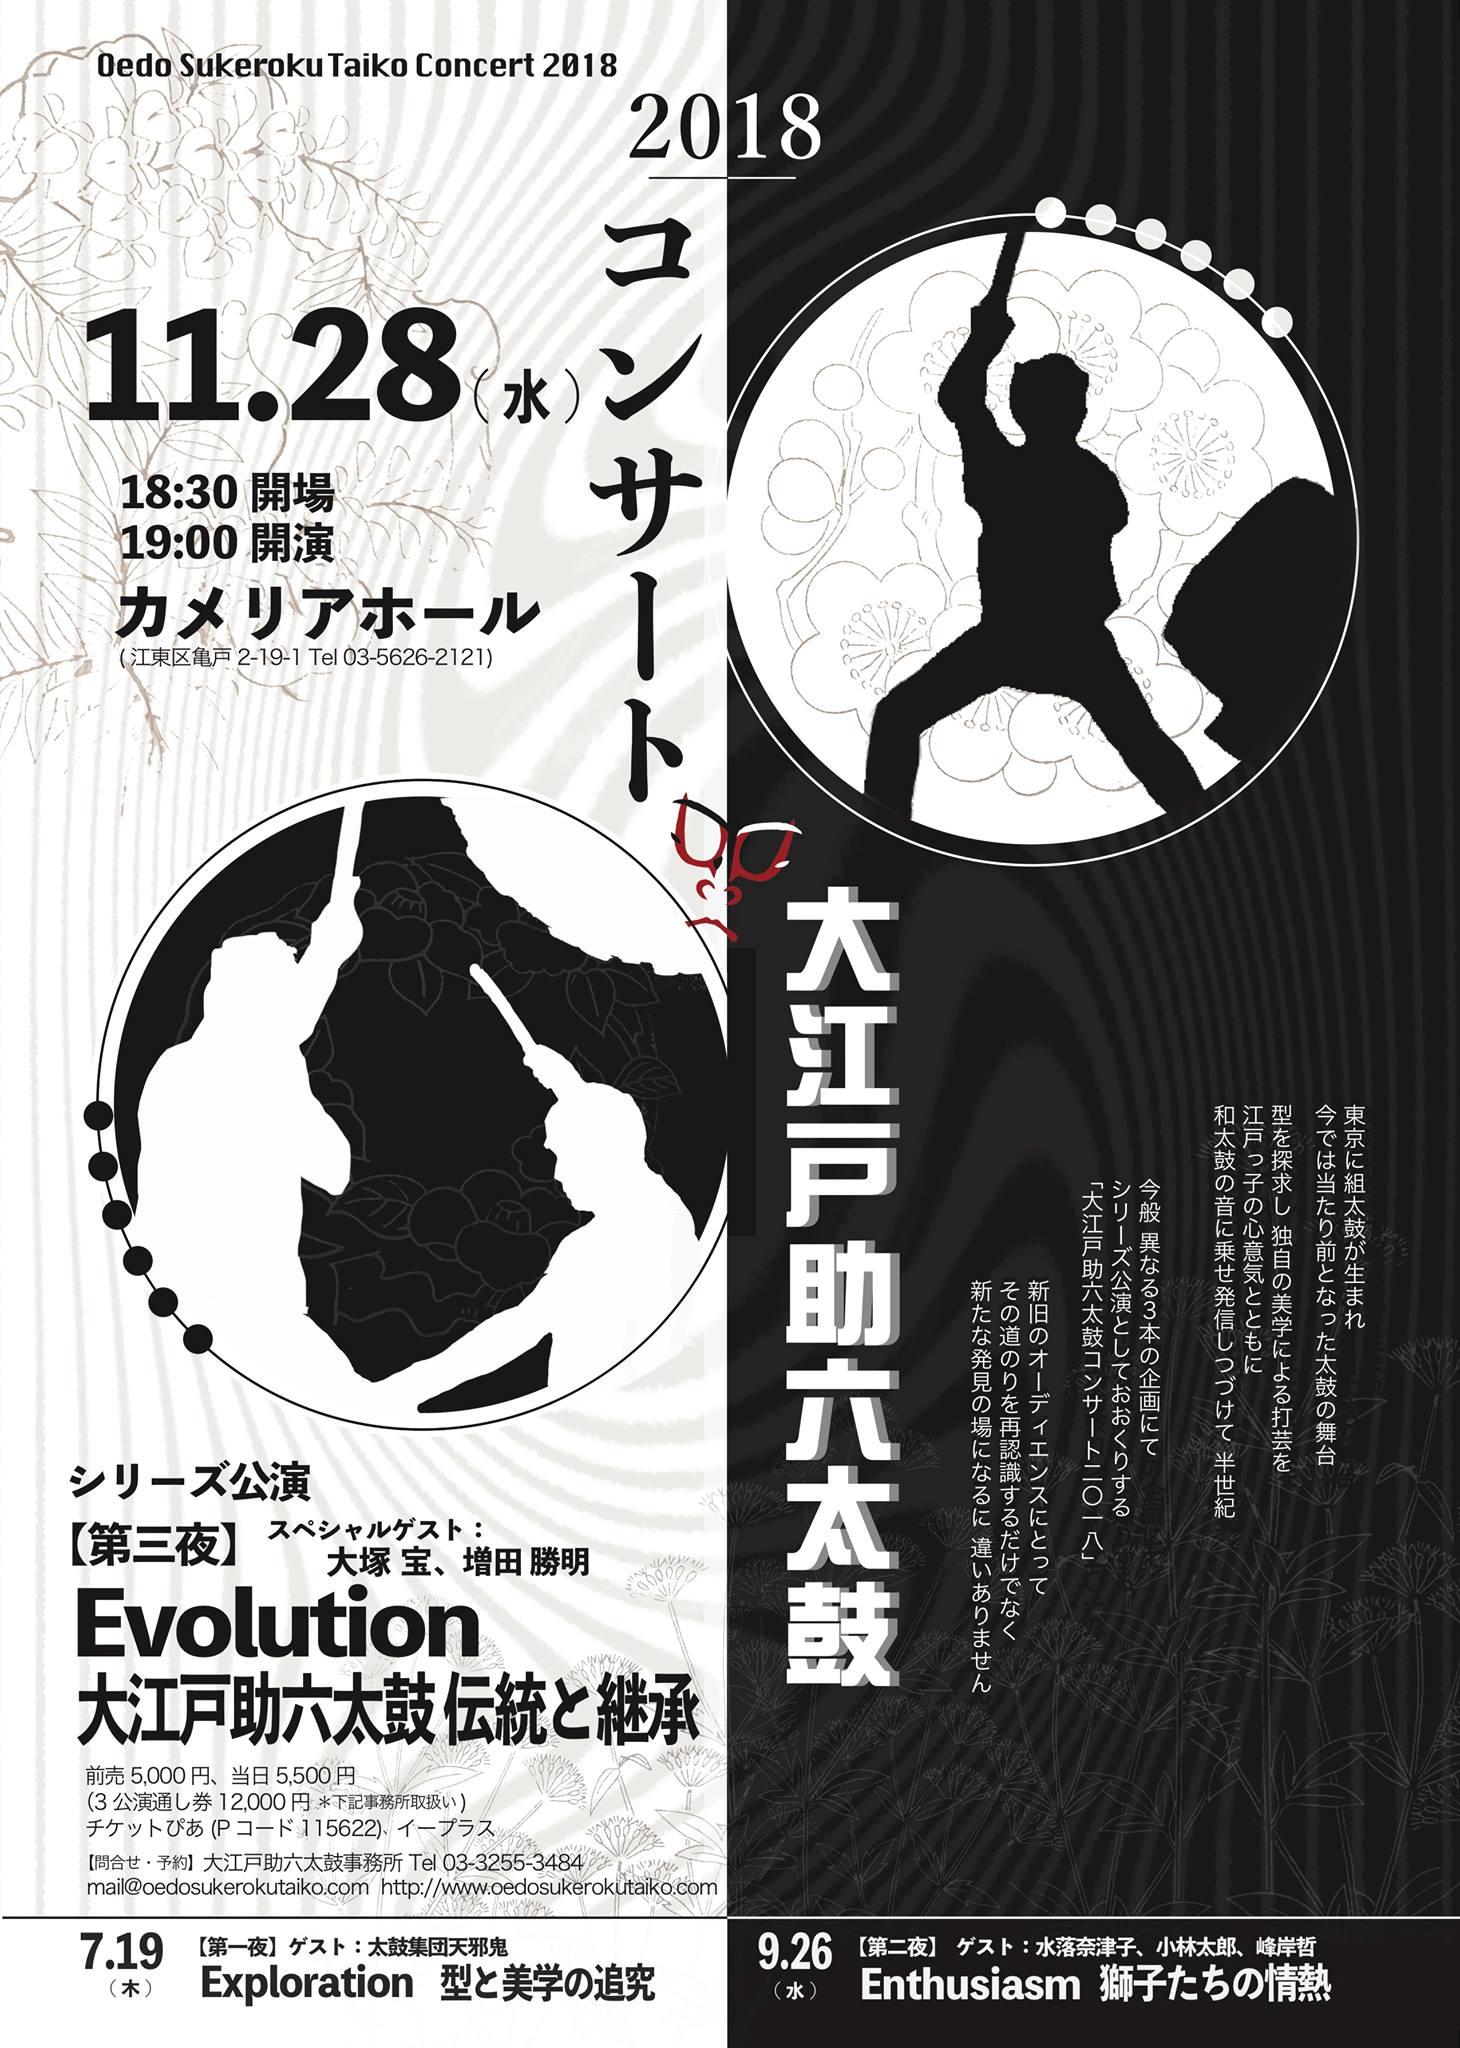 大江戸助六太鼓コンサート2018「第三夜 大江戸助六太鼓 伝統と継承」